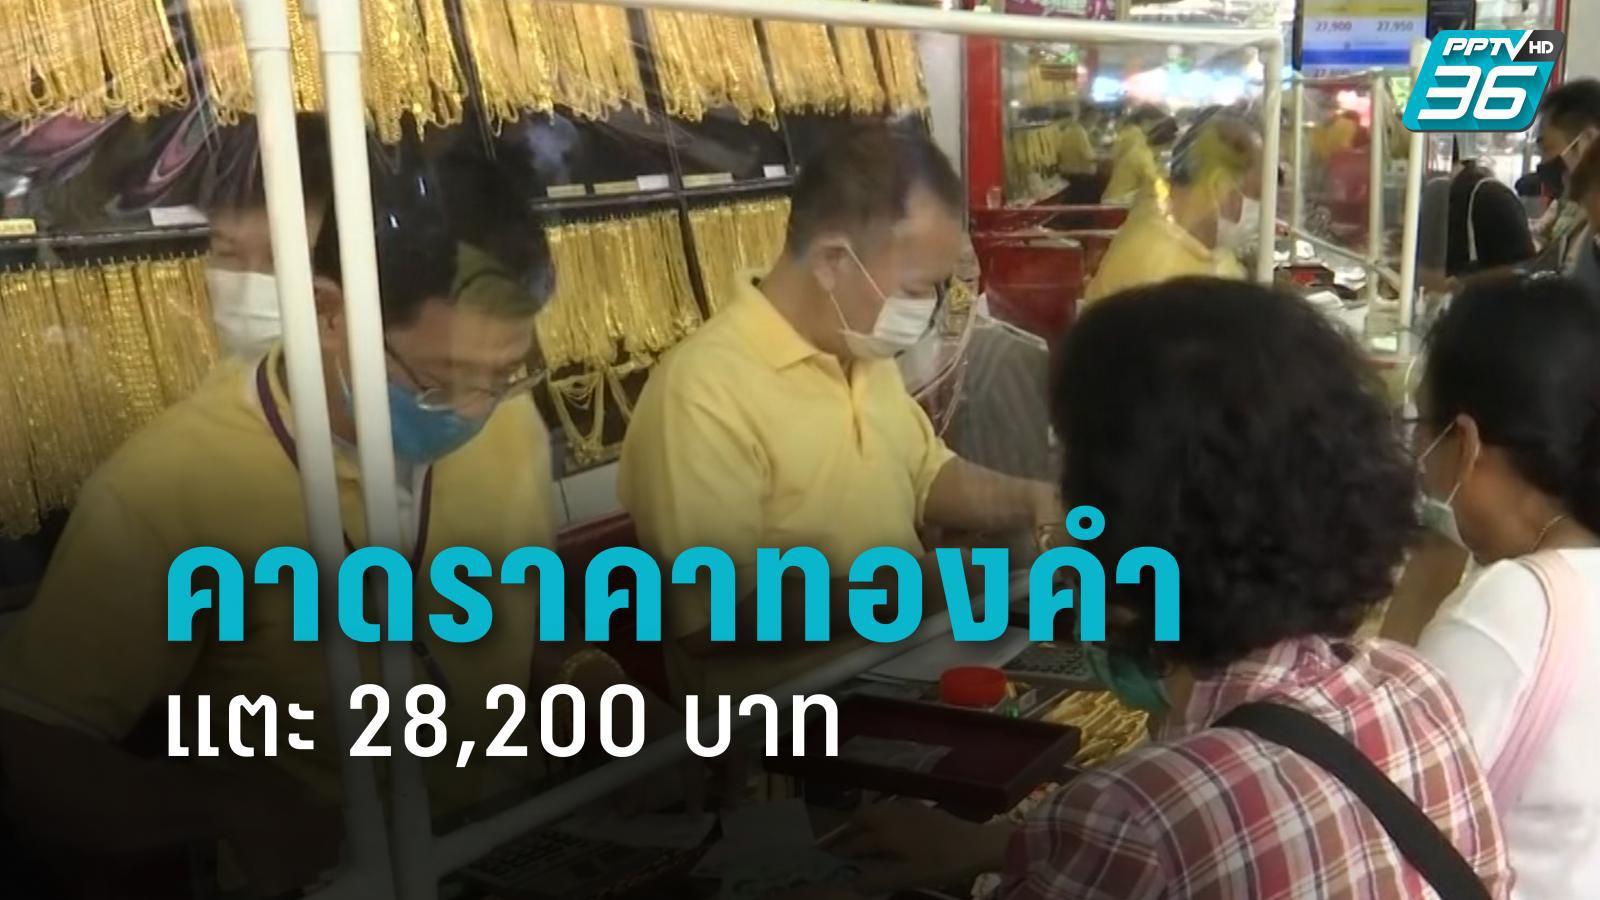 ฮั่วเซ่งเฮง คาดราคาทองคำมีโอกาสแตะ 28,200 บาท